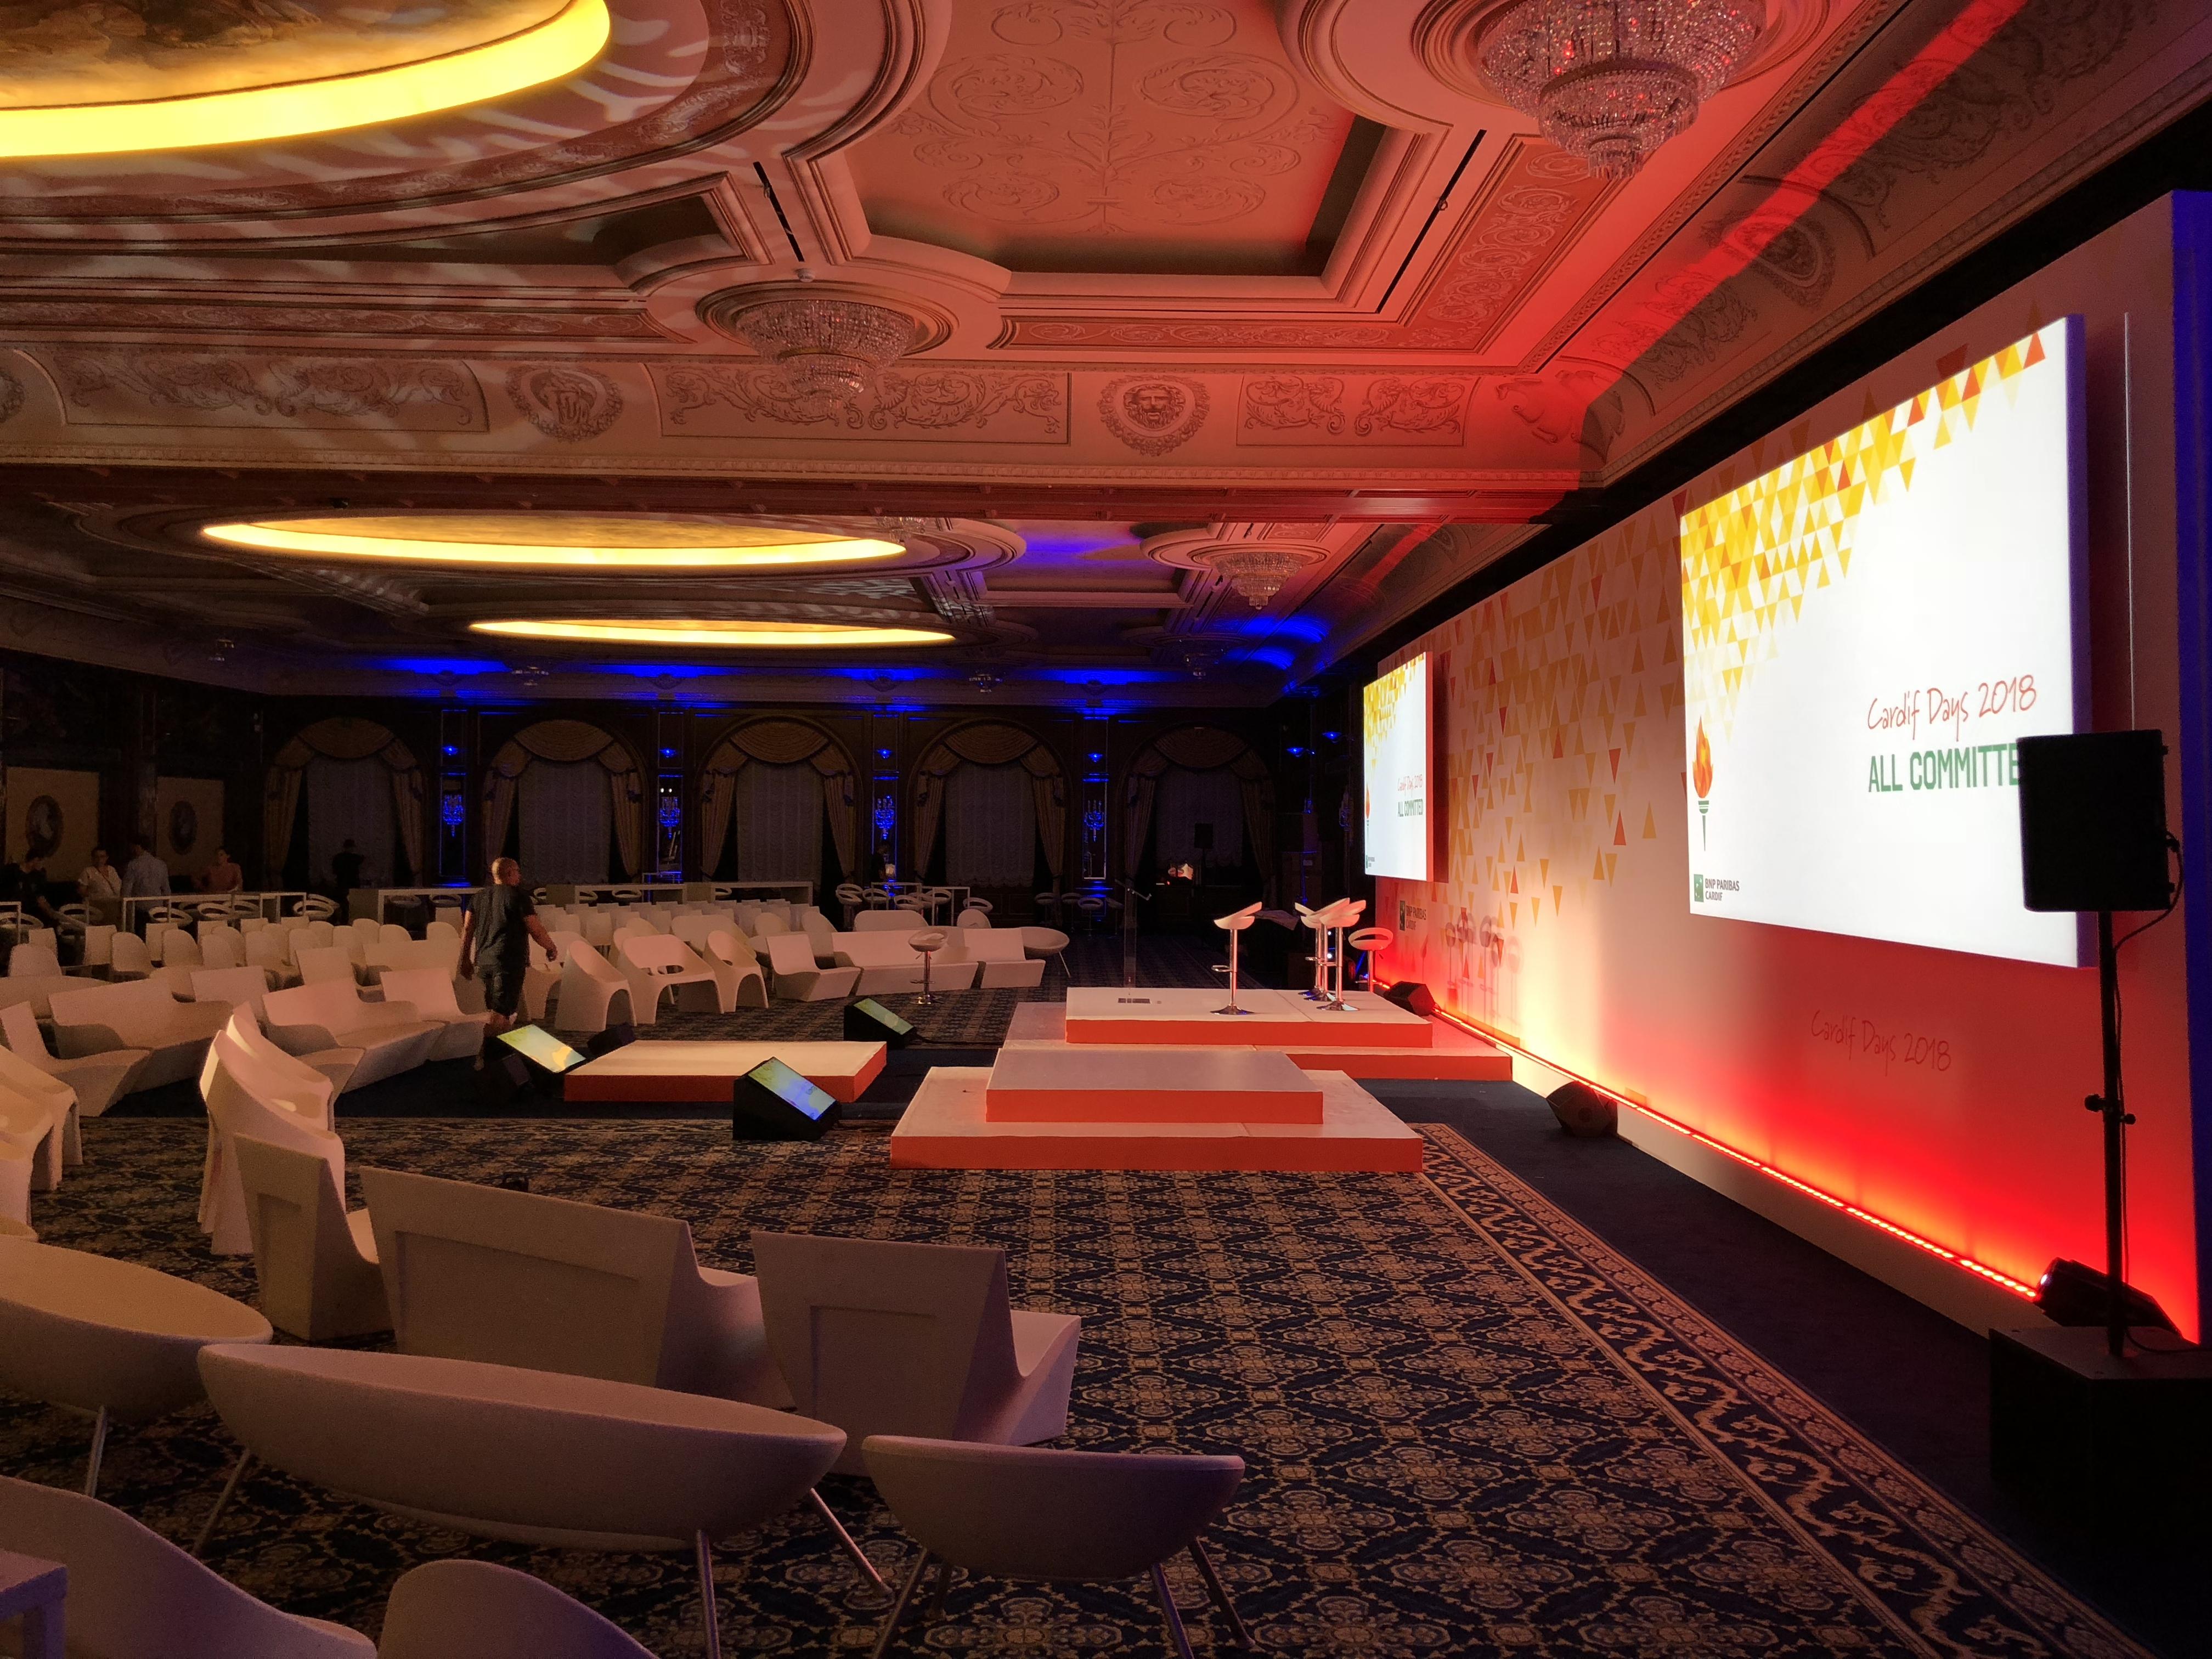 aucop-bnp paribas-event-italie-twobevents-lac majeur-son-video-deco-scene-ecrans-audiovisuel-eclairage-ecrans-grand hotel dino-decoration-corporate